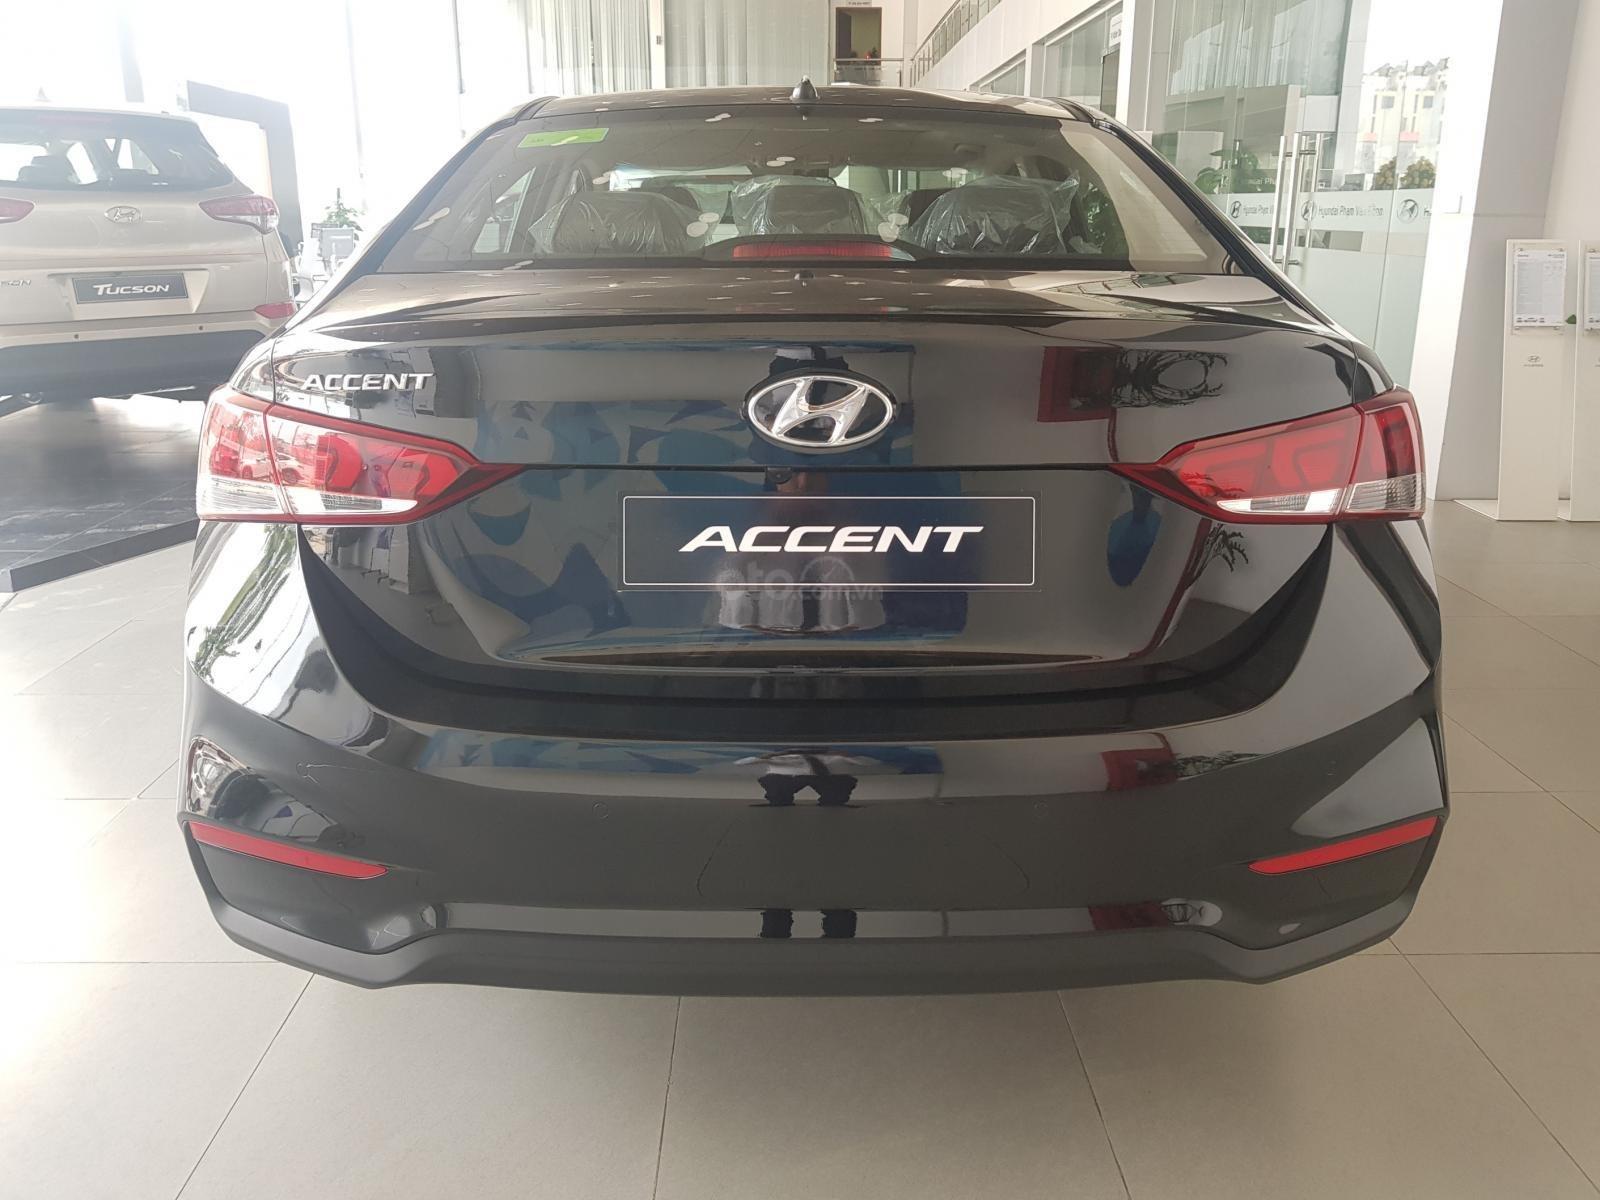 Bán Hyundai Accent 1.4 AT đặc biệt mới 2019, màu đen, xe sẵn đủ màu giao ngay (3)